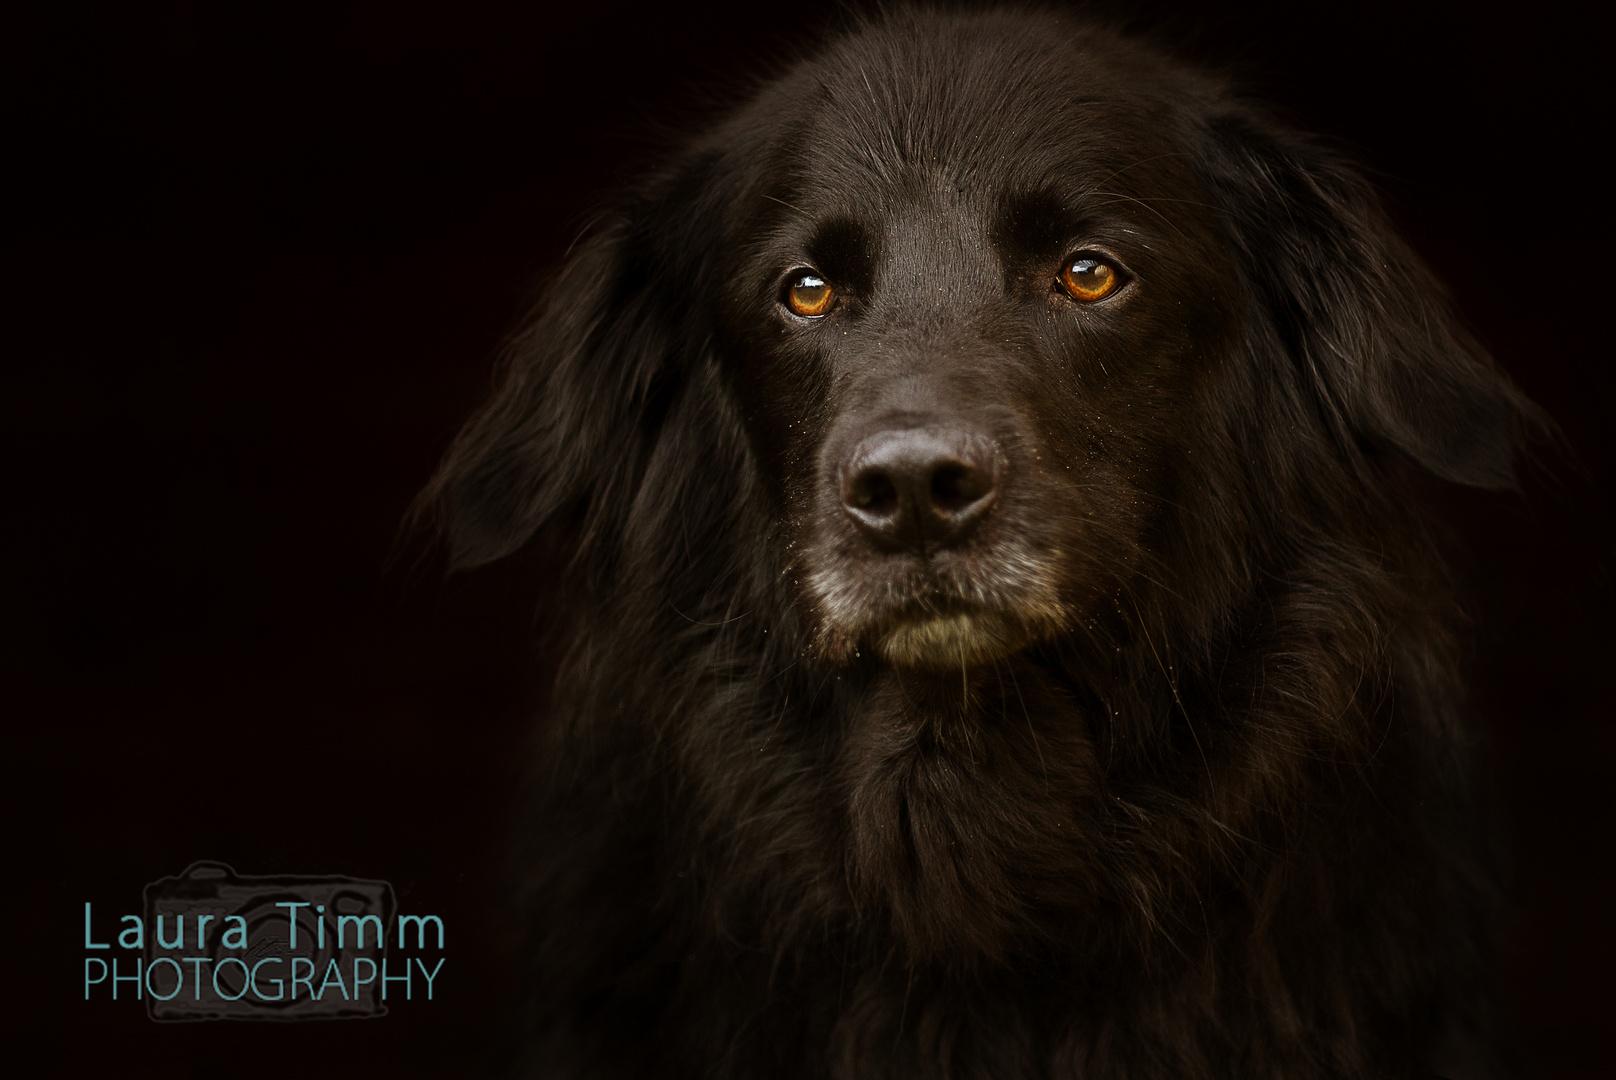 Wer nie einen Hund gehabt hat, weiß nicht, was Lieben und Geliebtwerden heißt. (Arthur Schopenhauer)